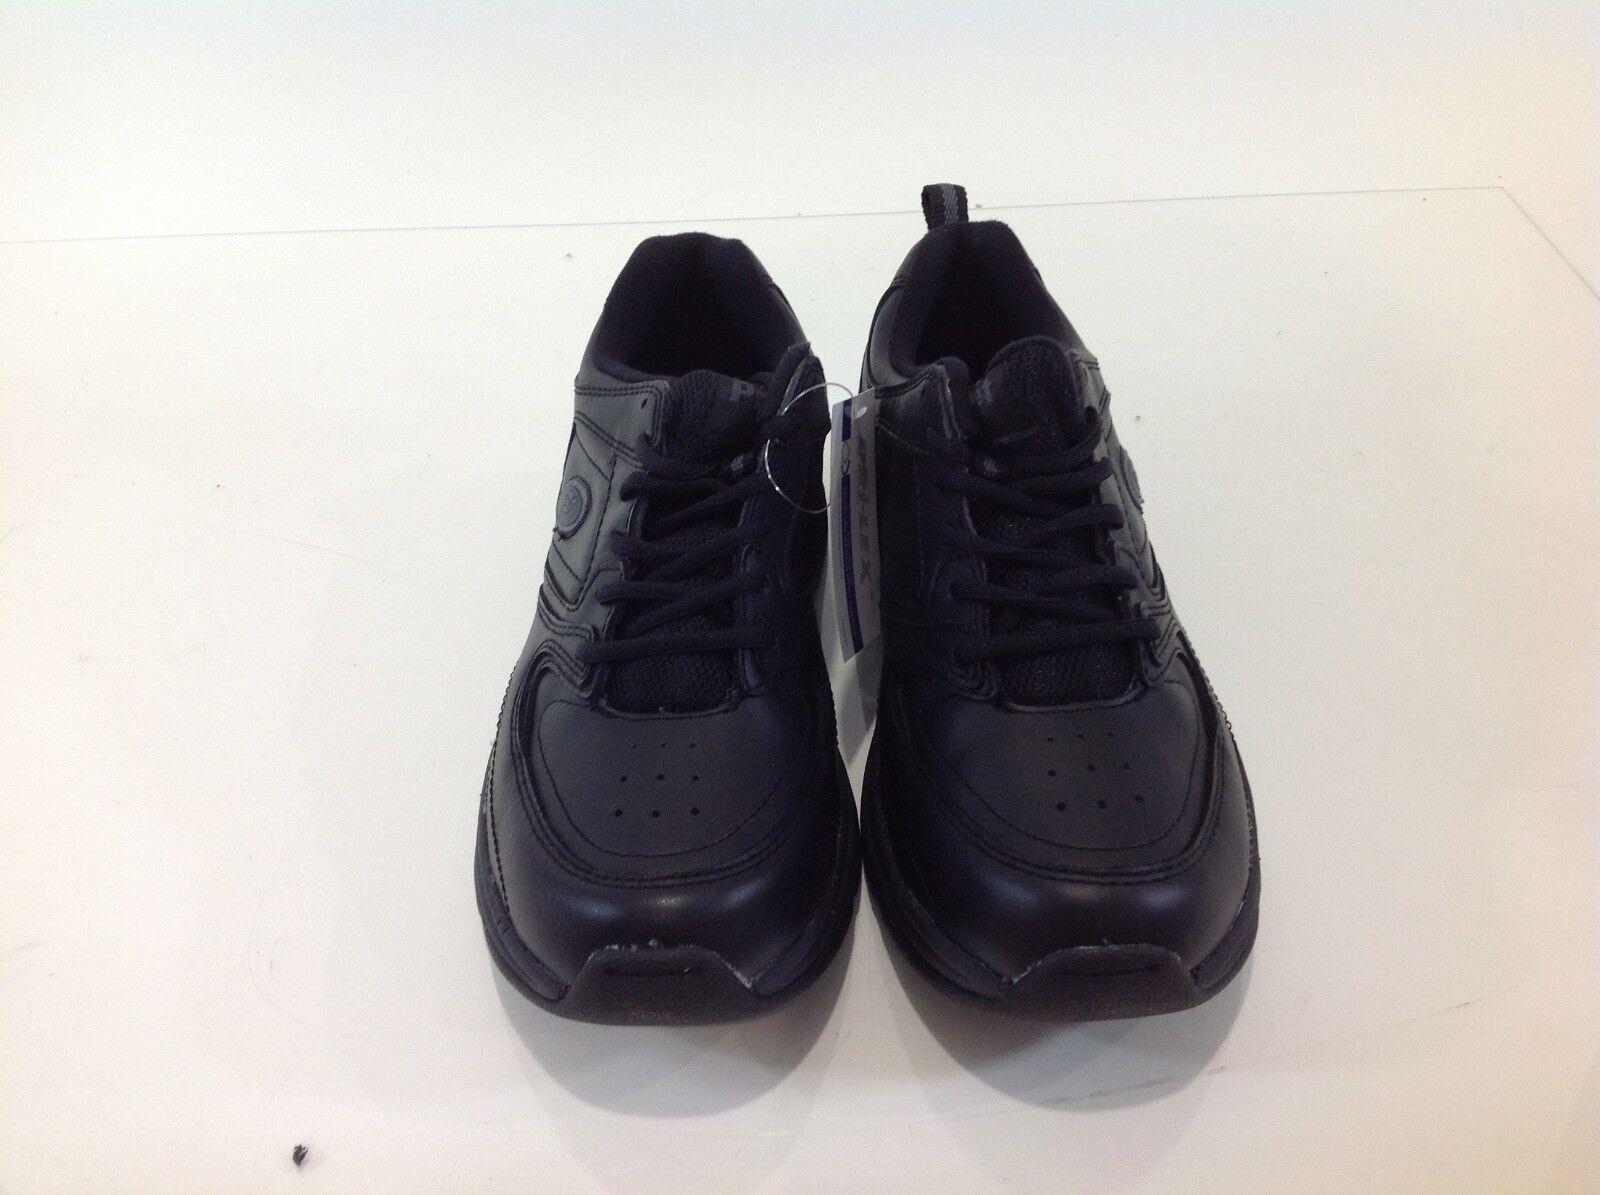 Propet Eden - Active - Womens - Black Size 7.5 M